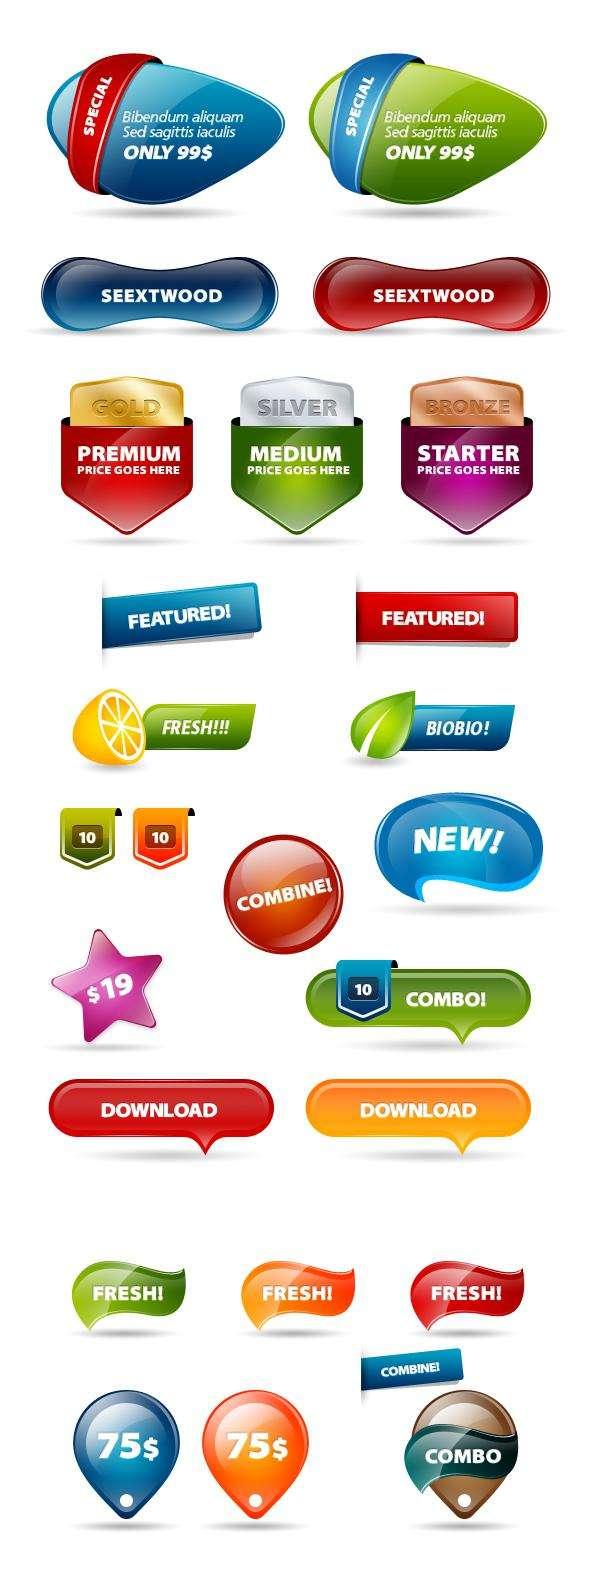 彩色水晶质感的网页图标_彩色水晶质感的网页按钮psd分层素材下载